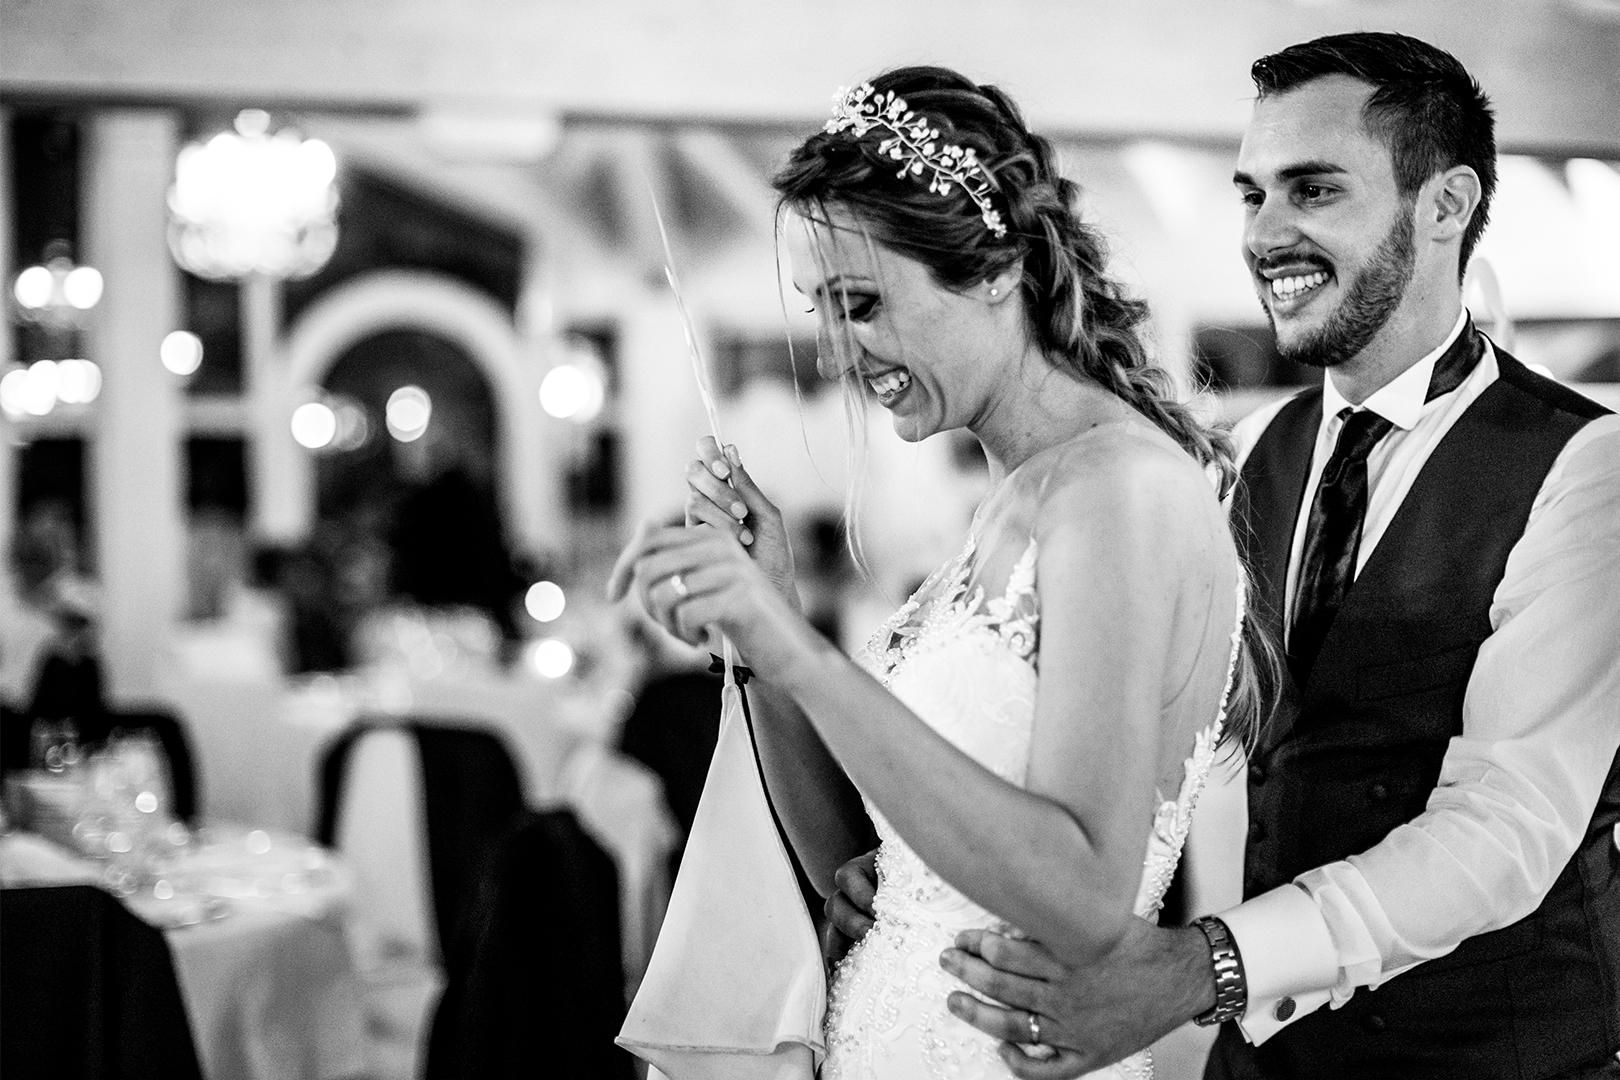 58 gianni-lepore-fotografo-matrimonio-sposi-ballo-bianco-nero